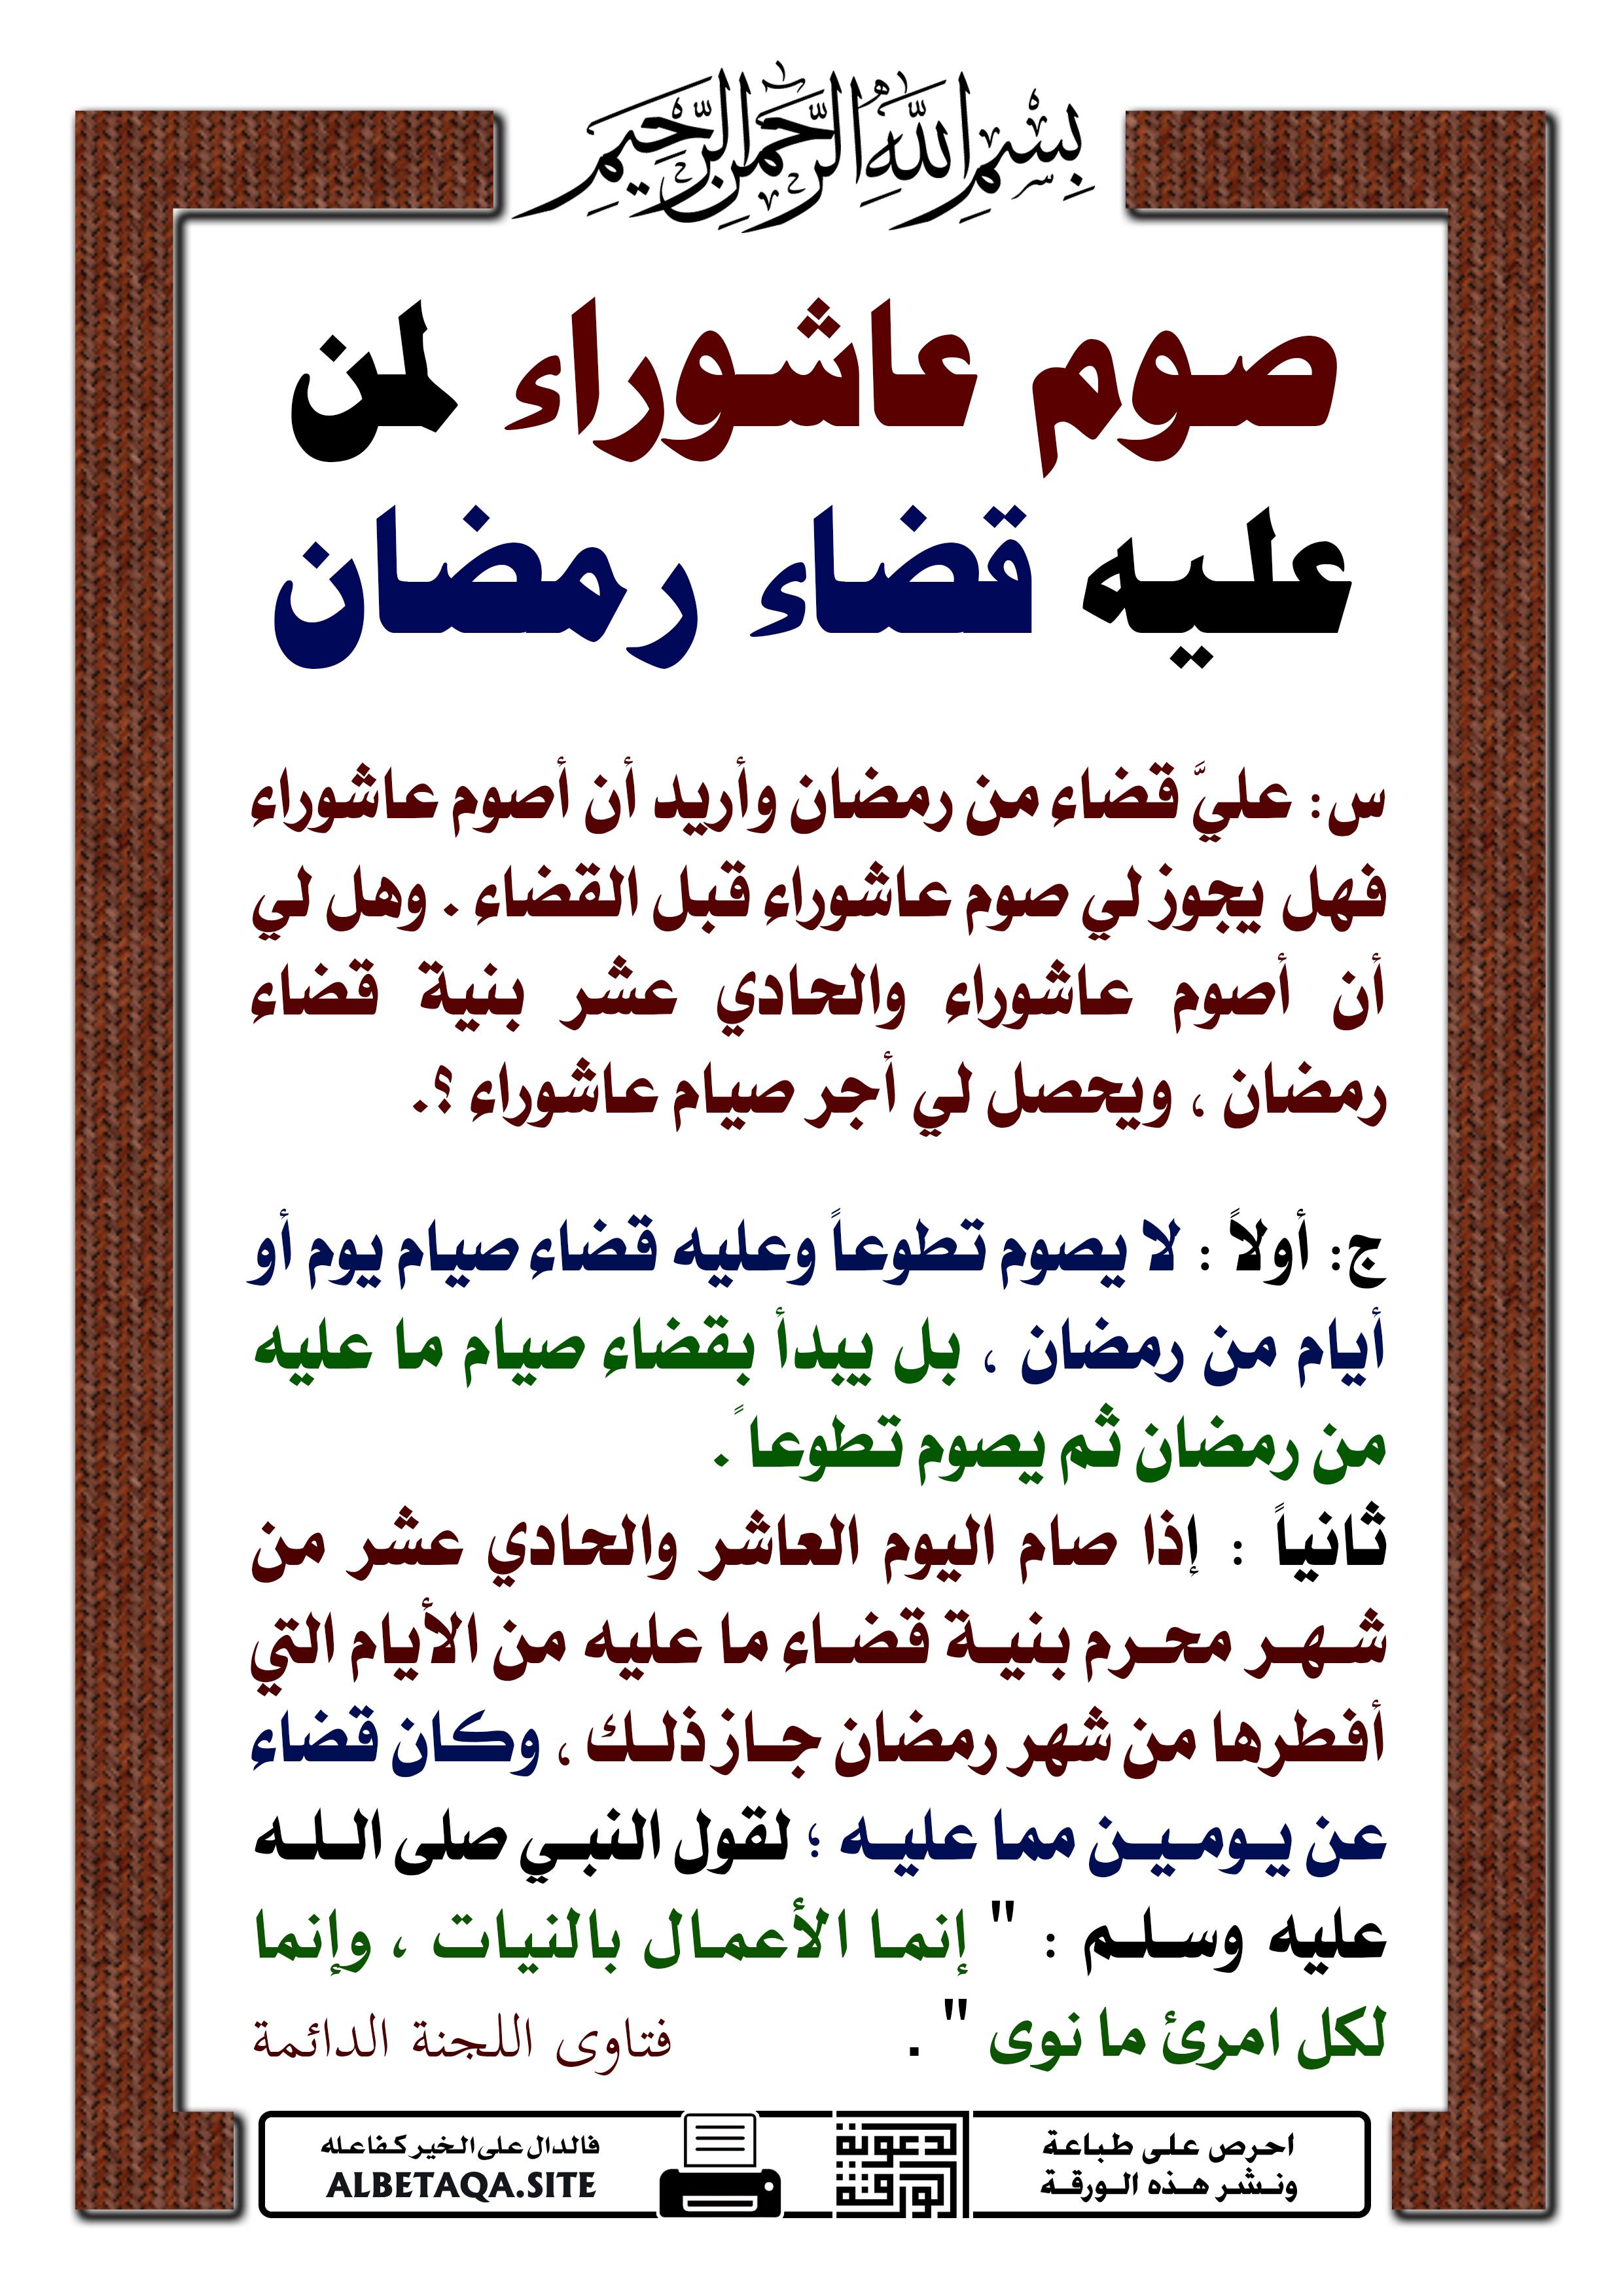 صوم عاشوراء لمن عليه قضاء رمضان موقع البطاقة الدعوي